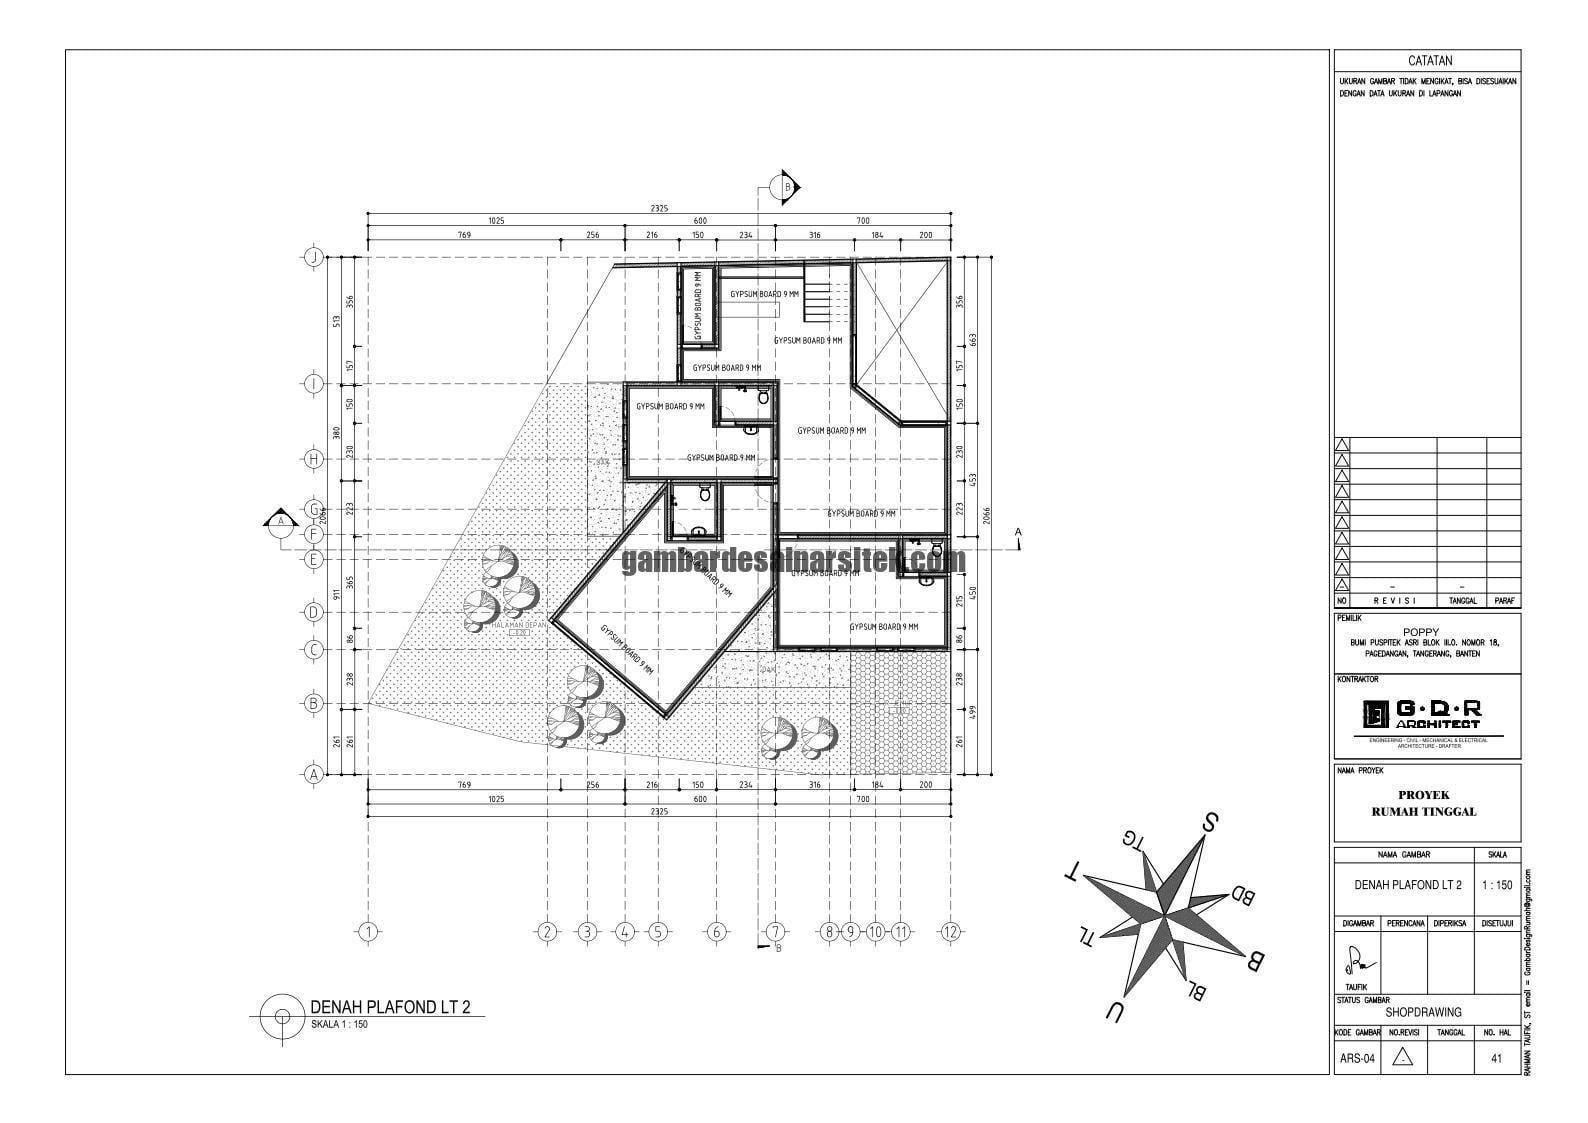 Jasa Desain Rumah Contoh Paket Gambar Kerja 41 DENAH PLAFOND LT 2